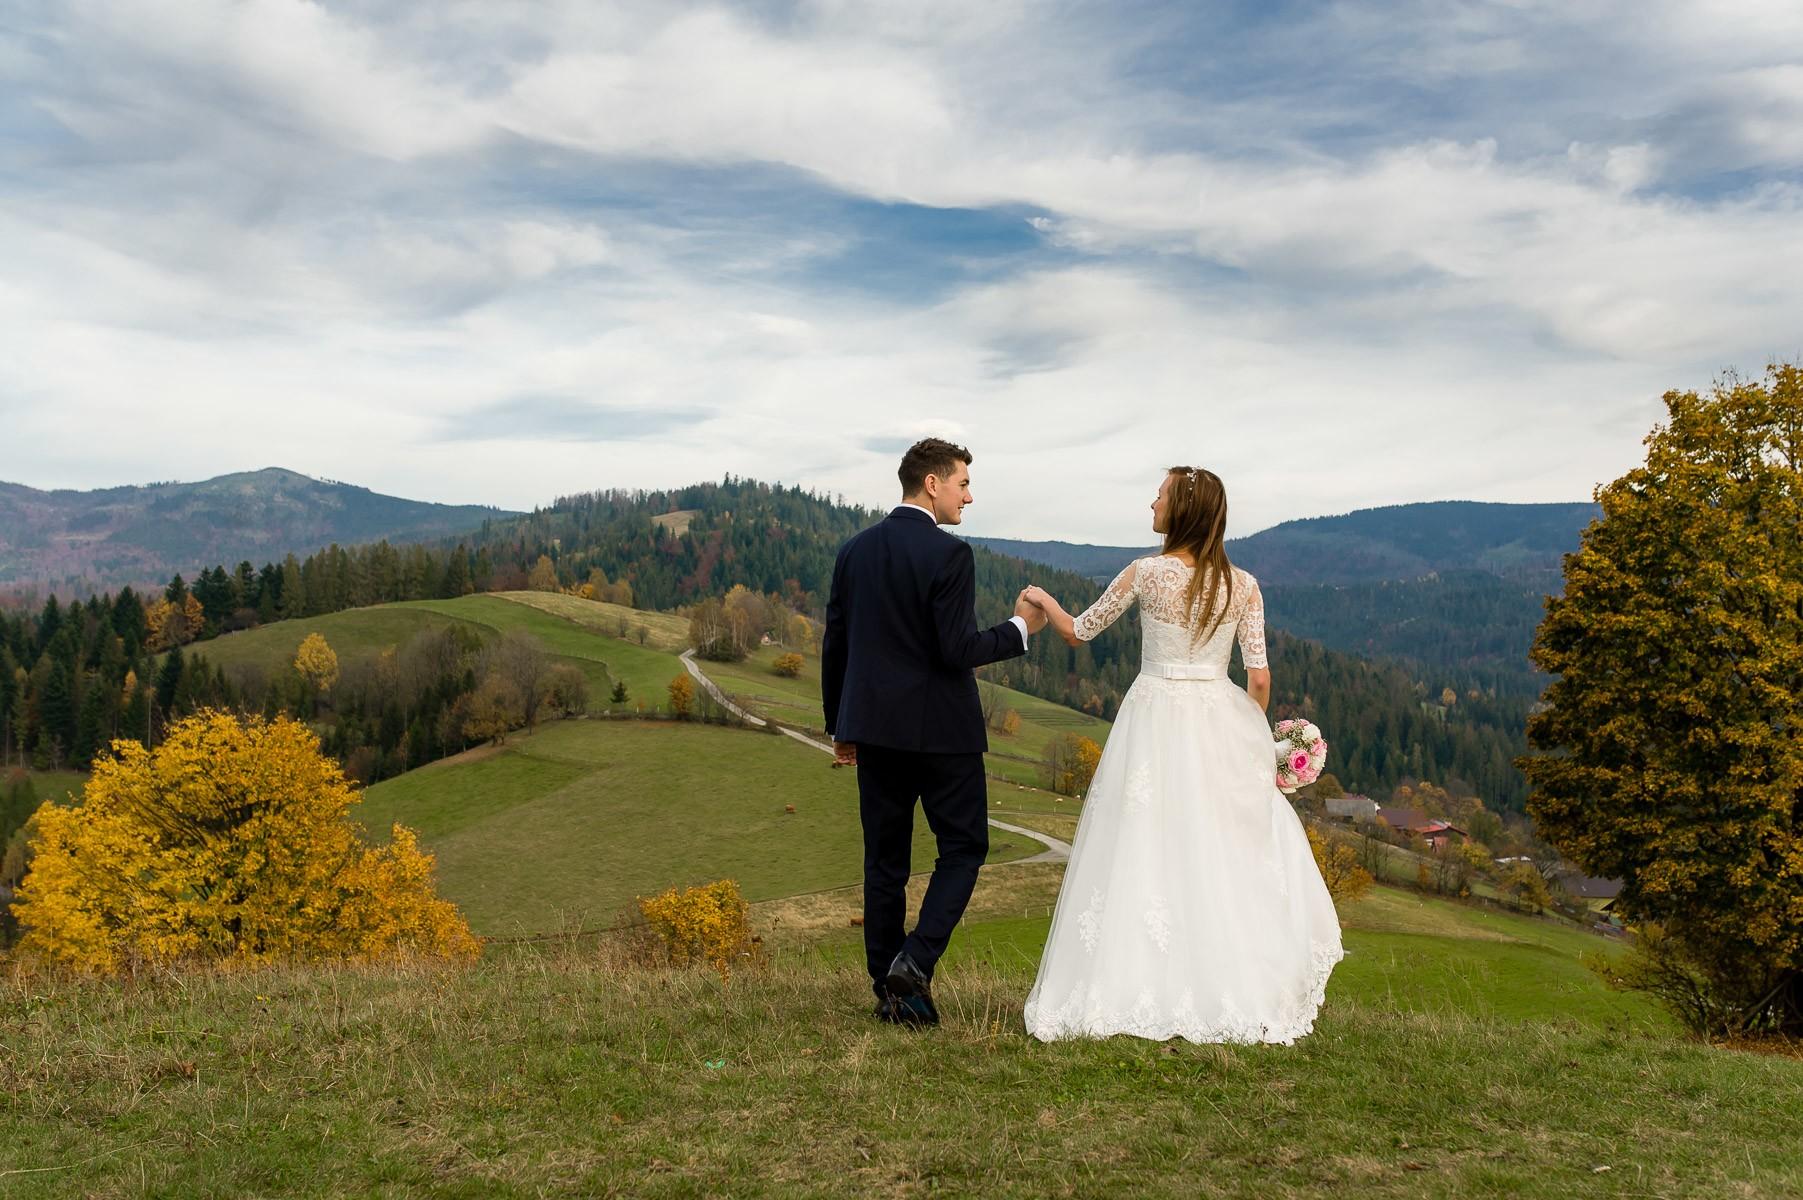 sala na skarpie fotograf slubny slask malopolska adam pietrusiak plener slubny w gorach jw wedding 182